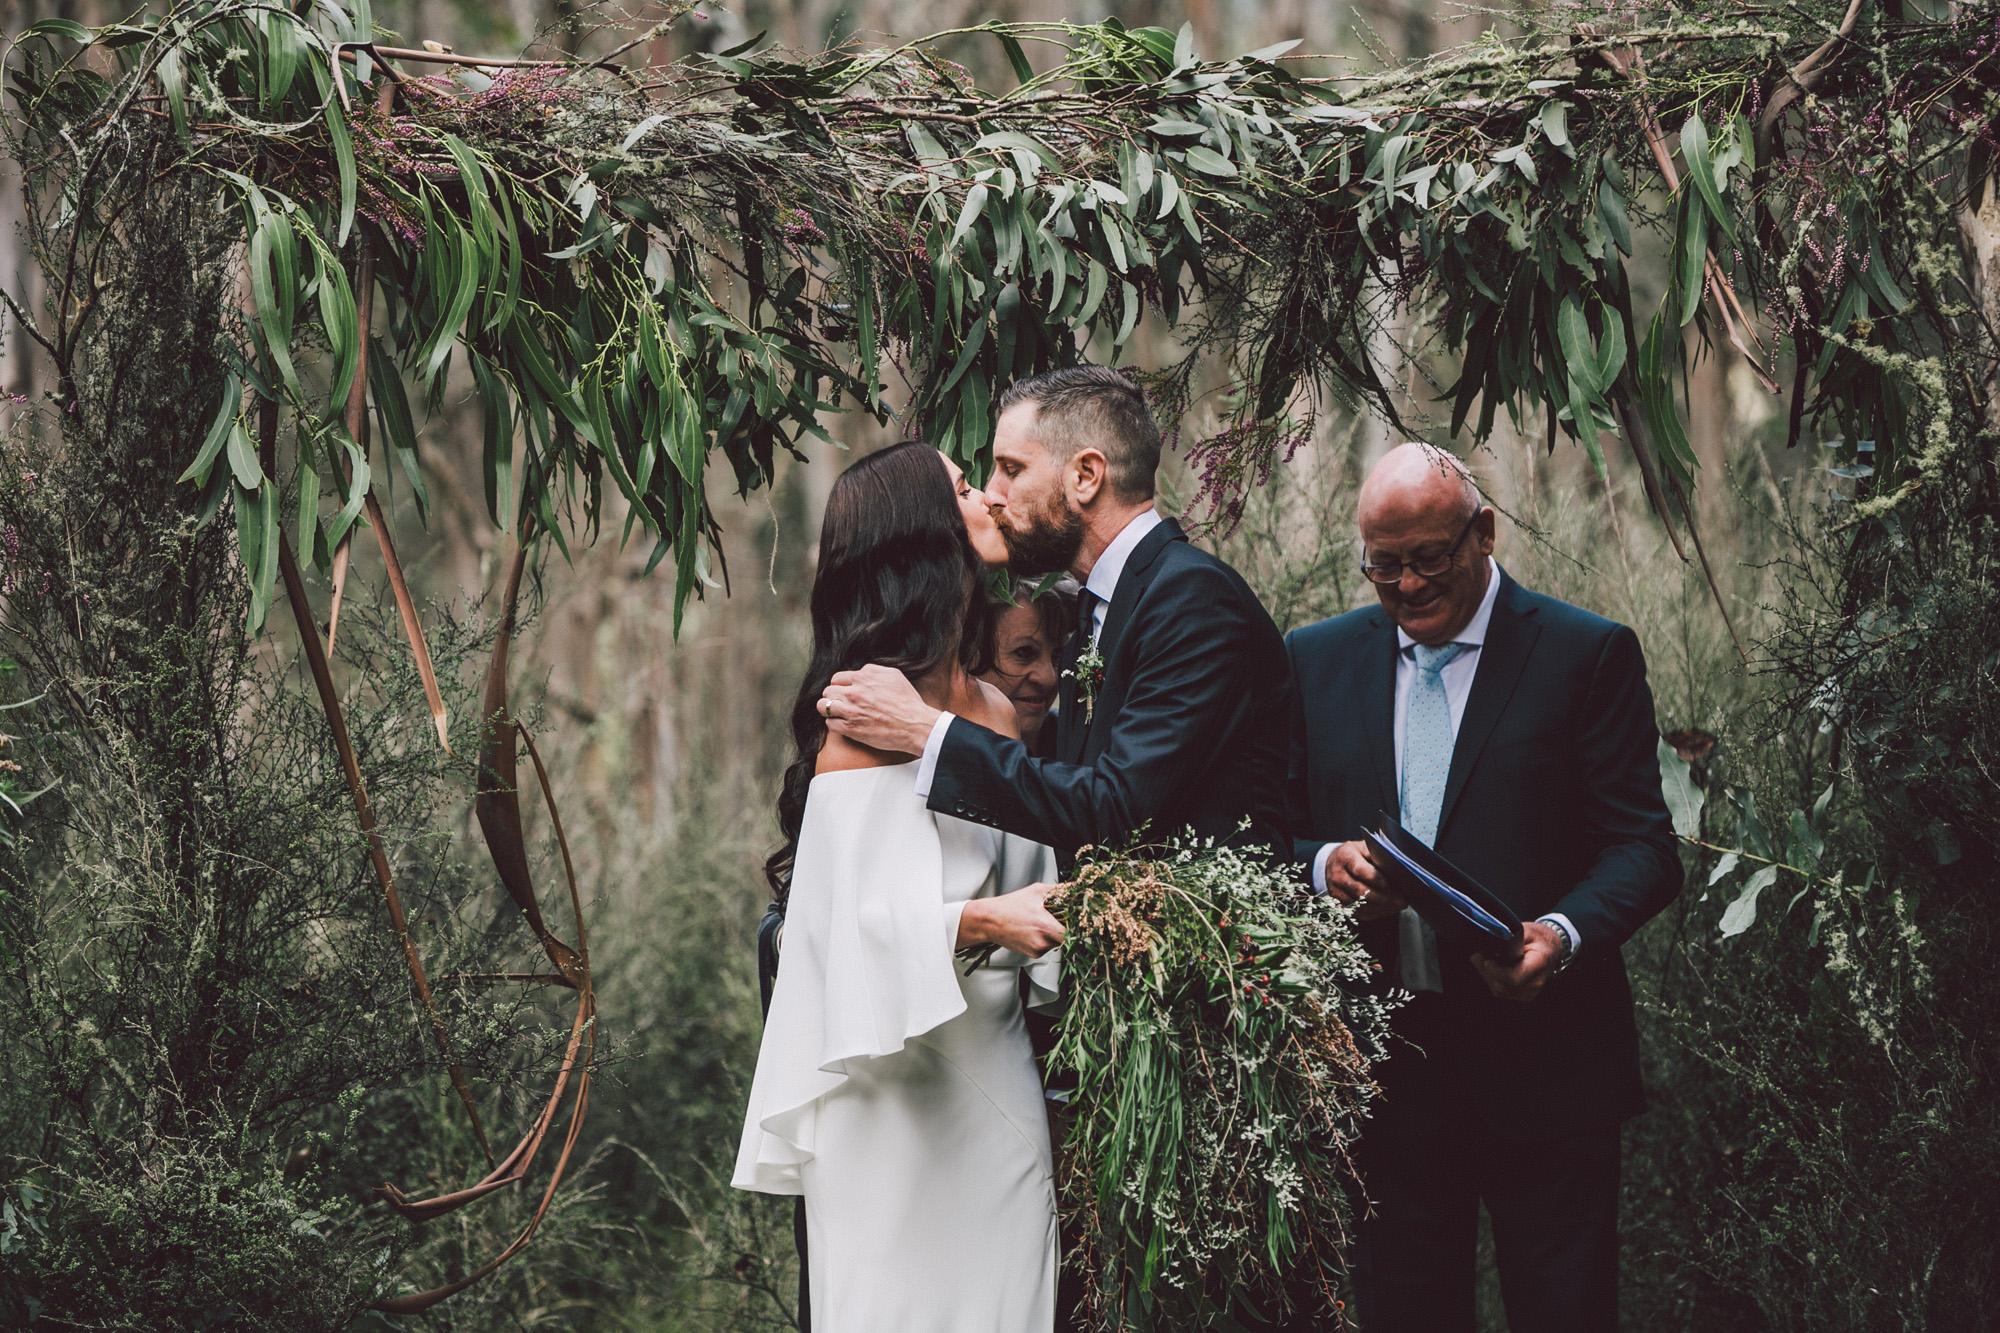 Poronui_Wedding_Sarah_McEvoy_056.jpg